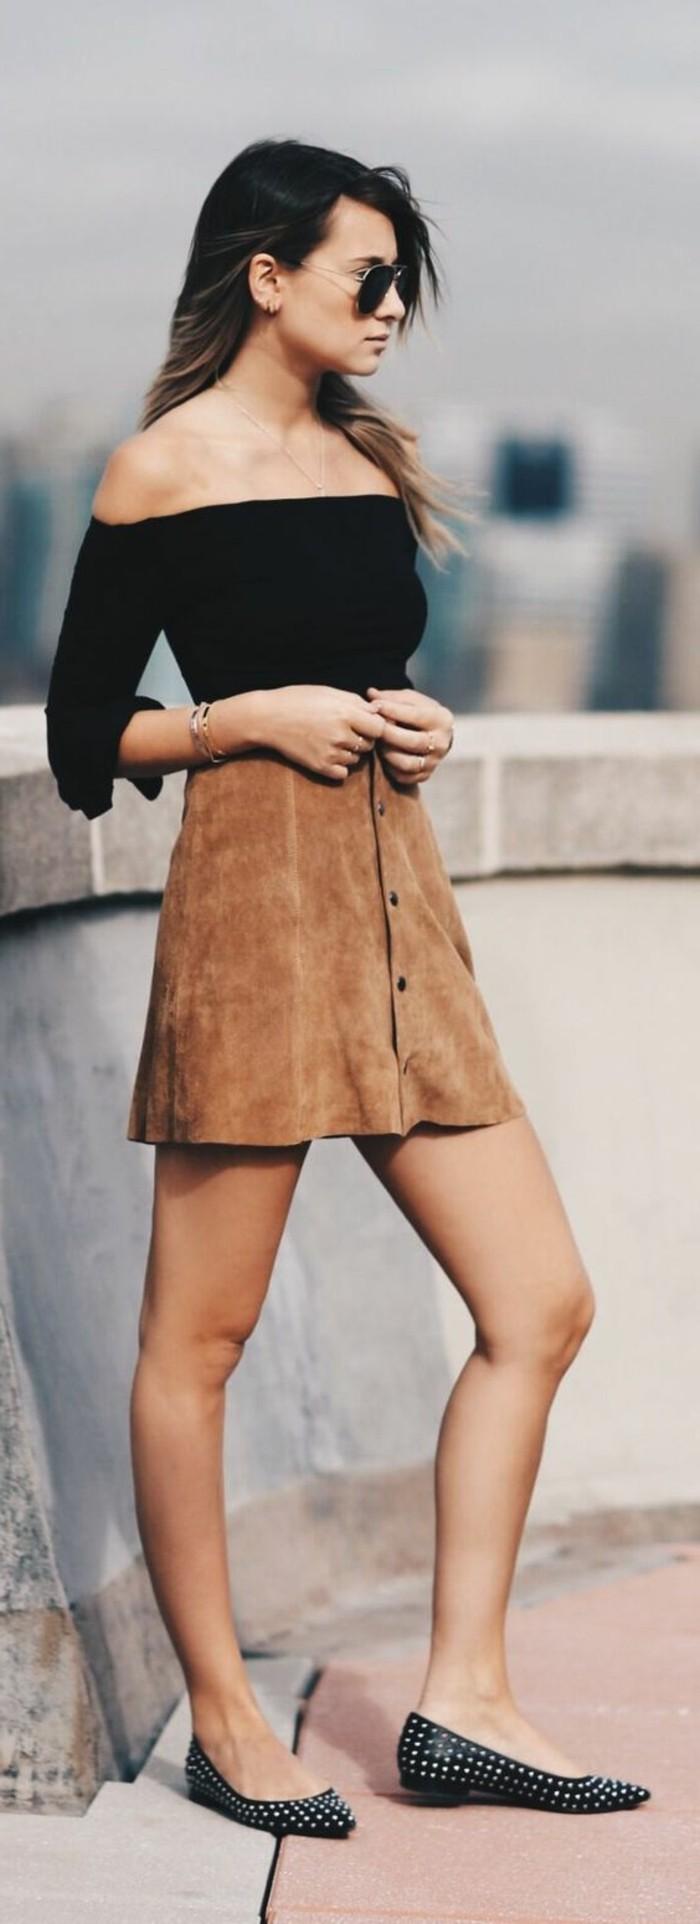 jupe-en-dame-couleur-marron-top-noir-les-dernieres-tendances-de-la-mode-vetements-modernes